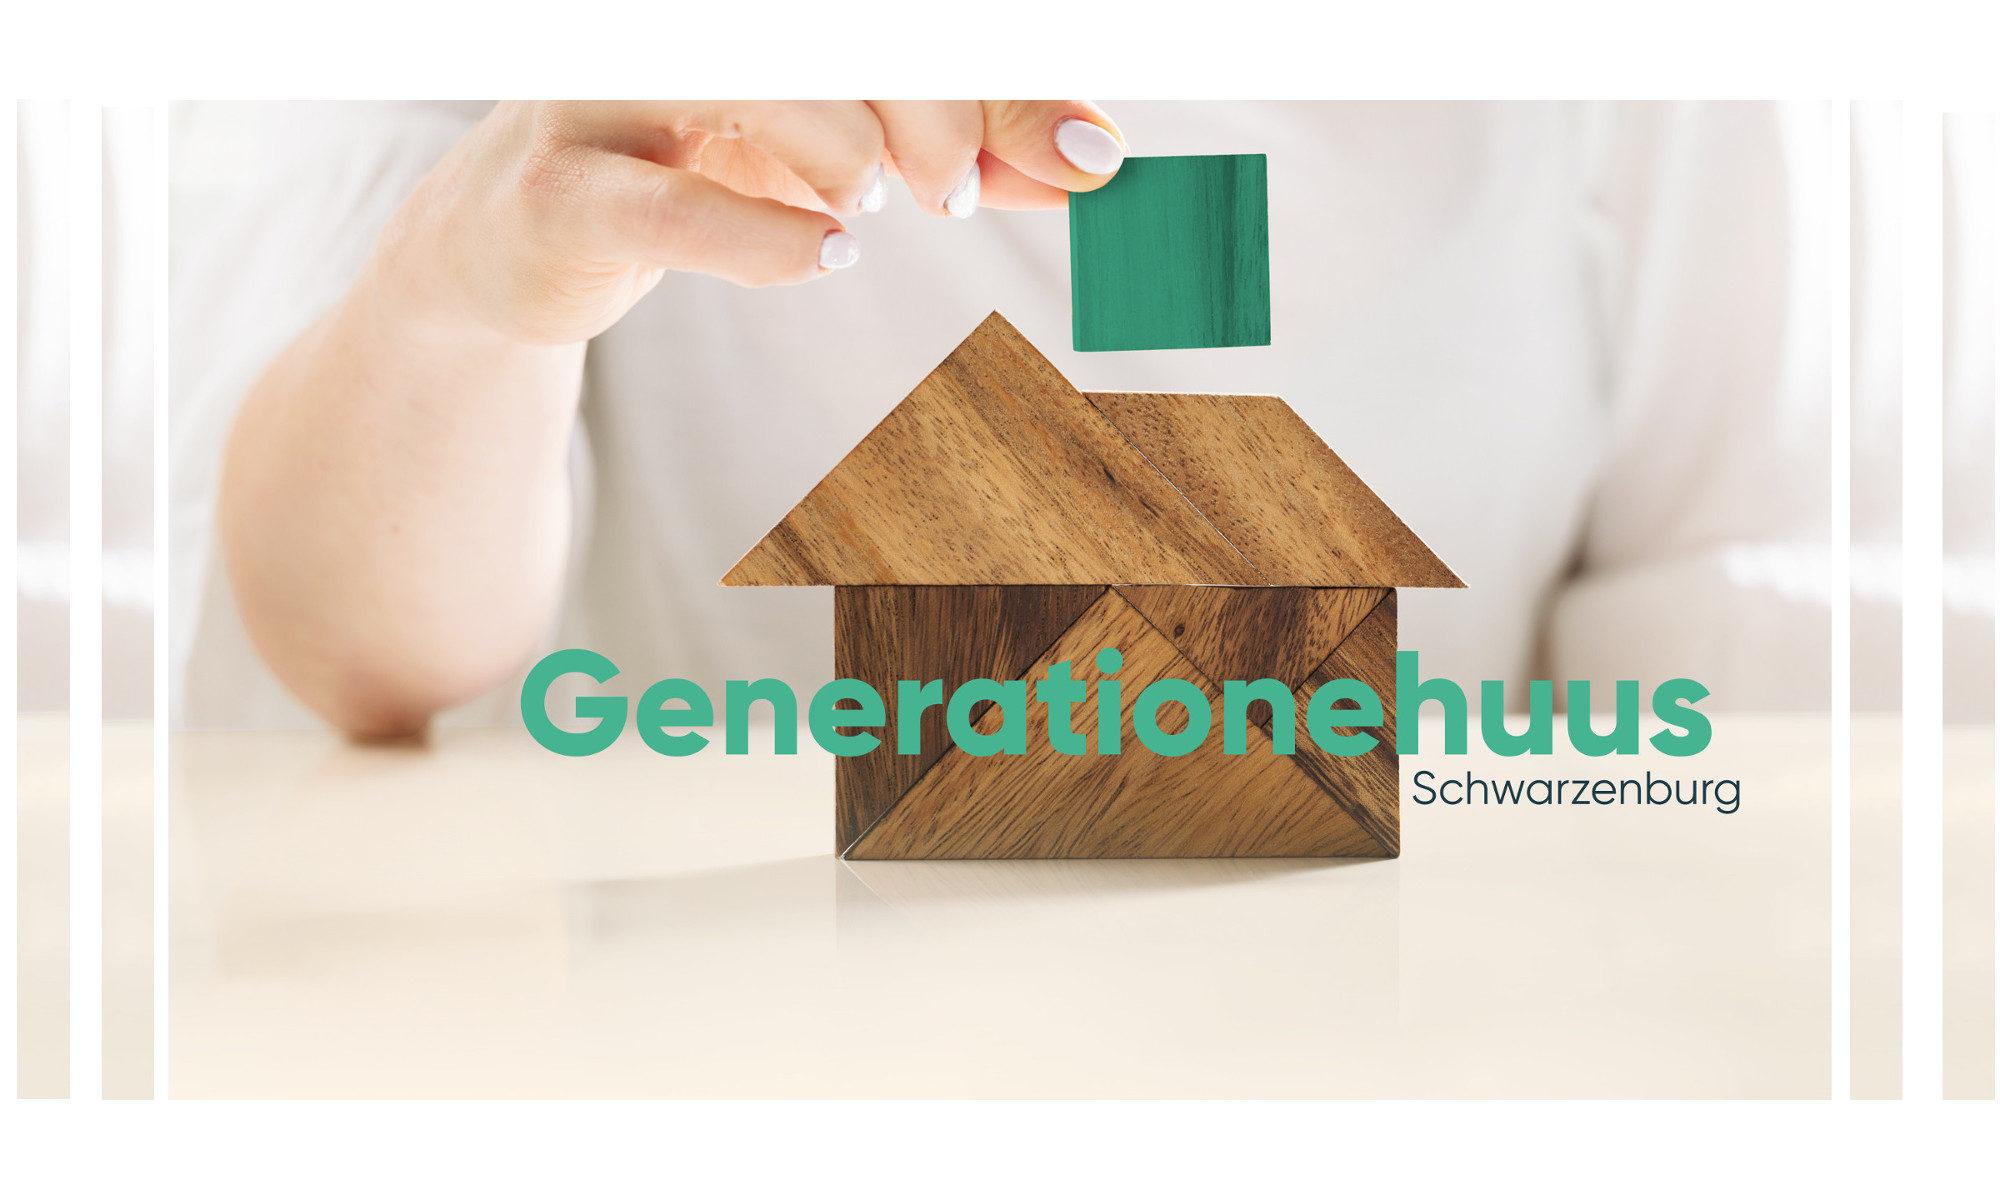 generationehuus